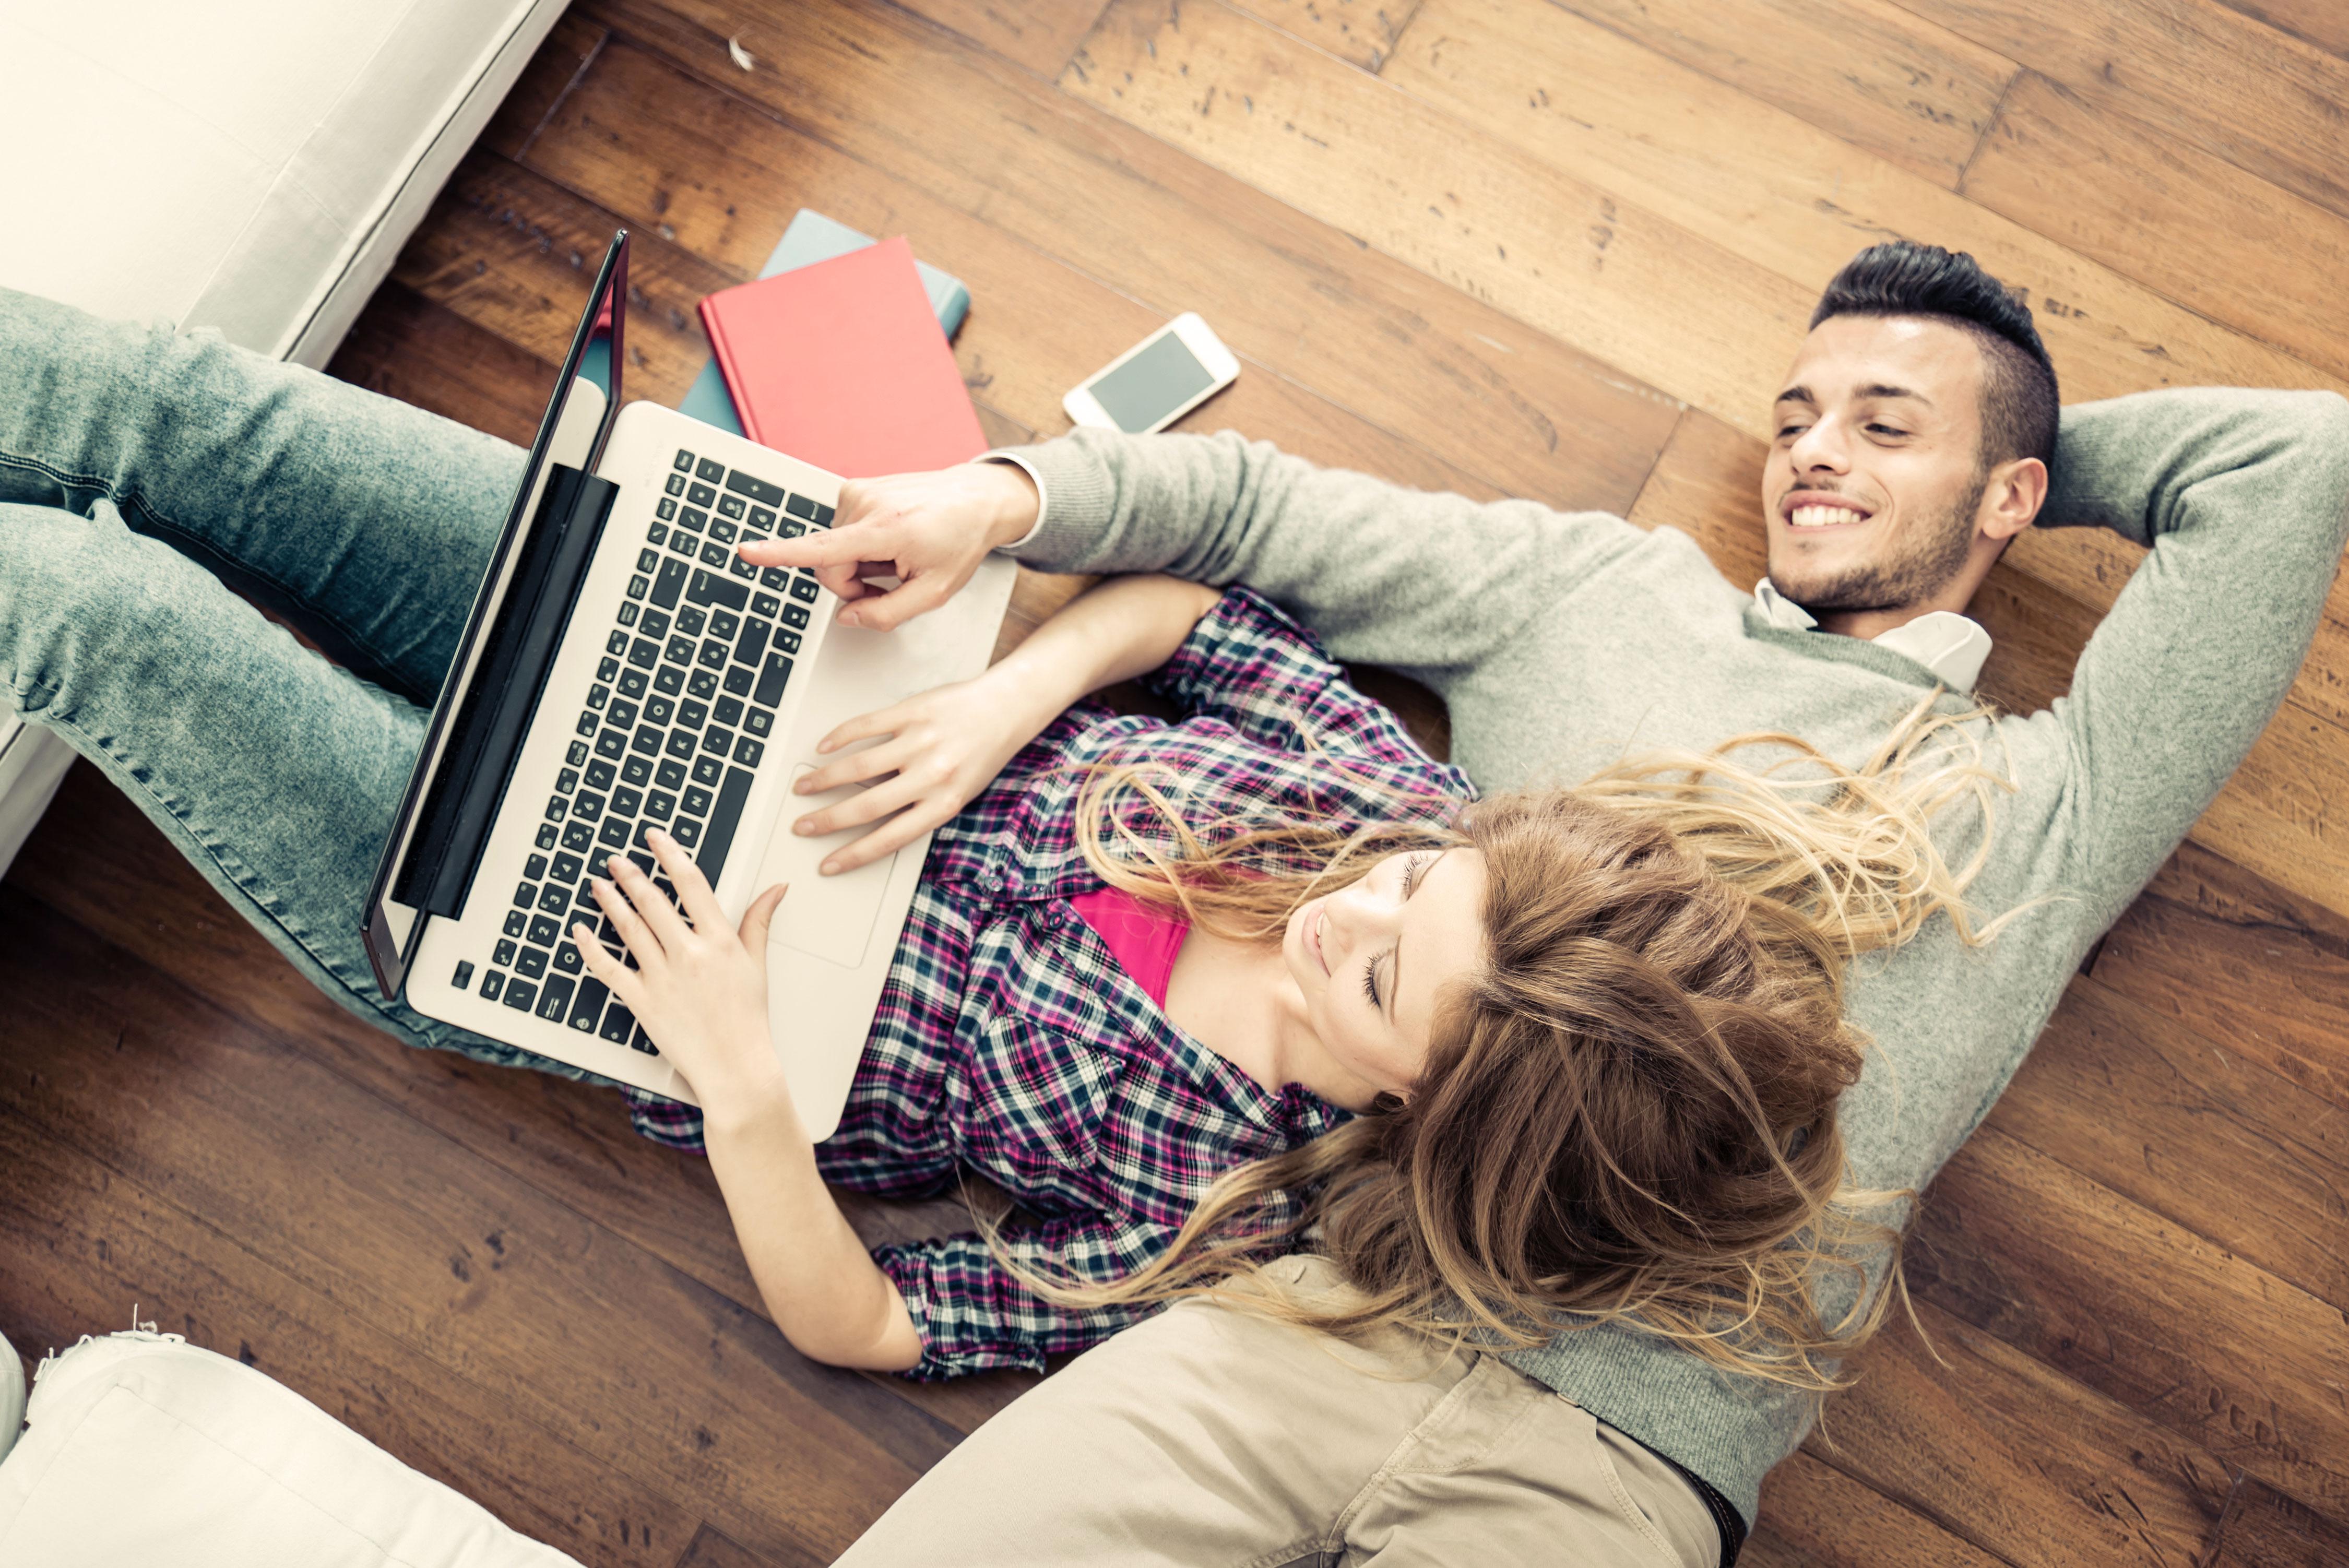 Lächelndes Paar auf Boden liegend am Laptop